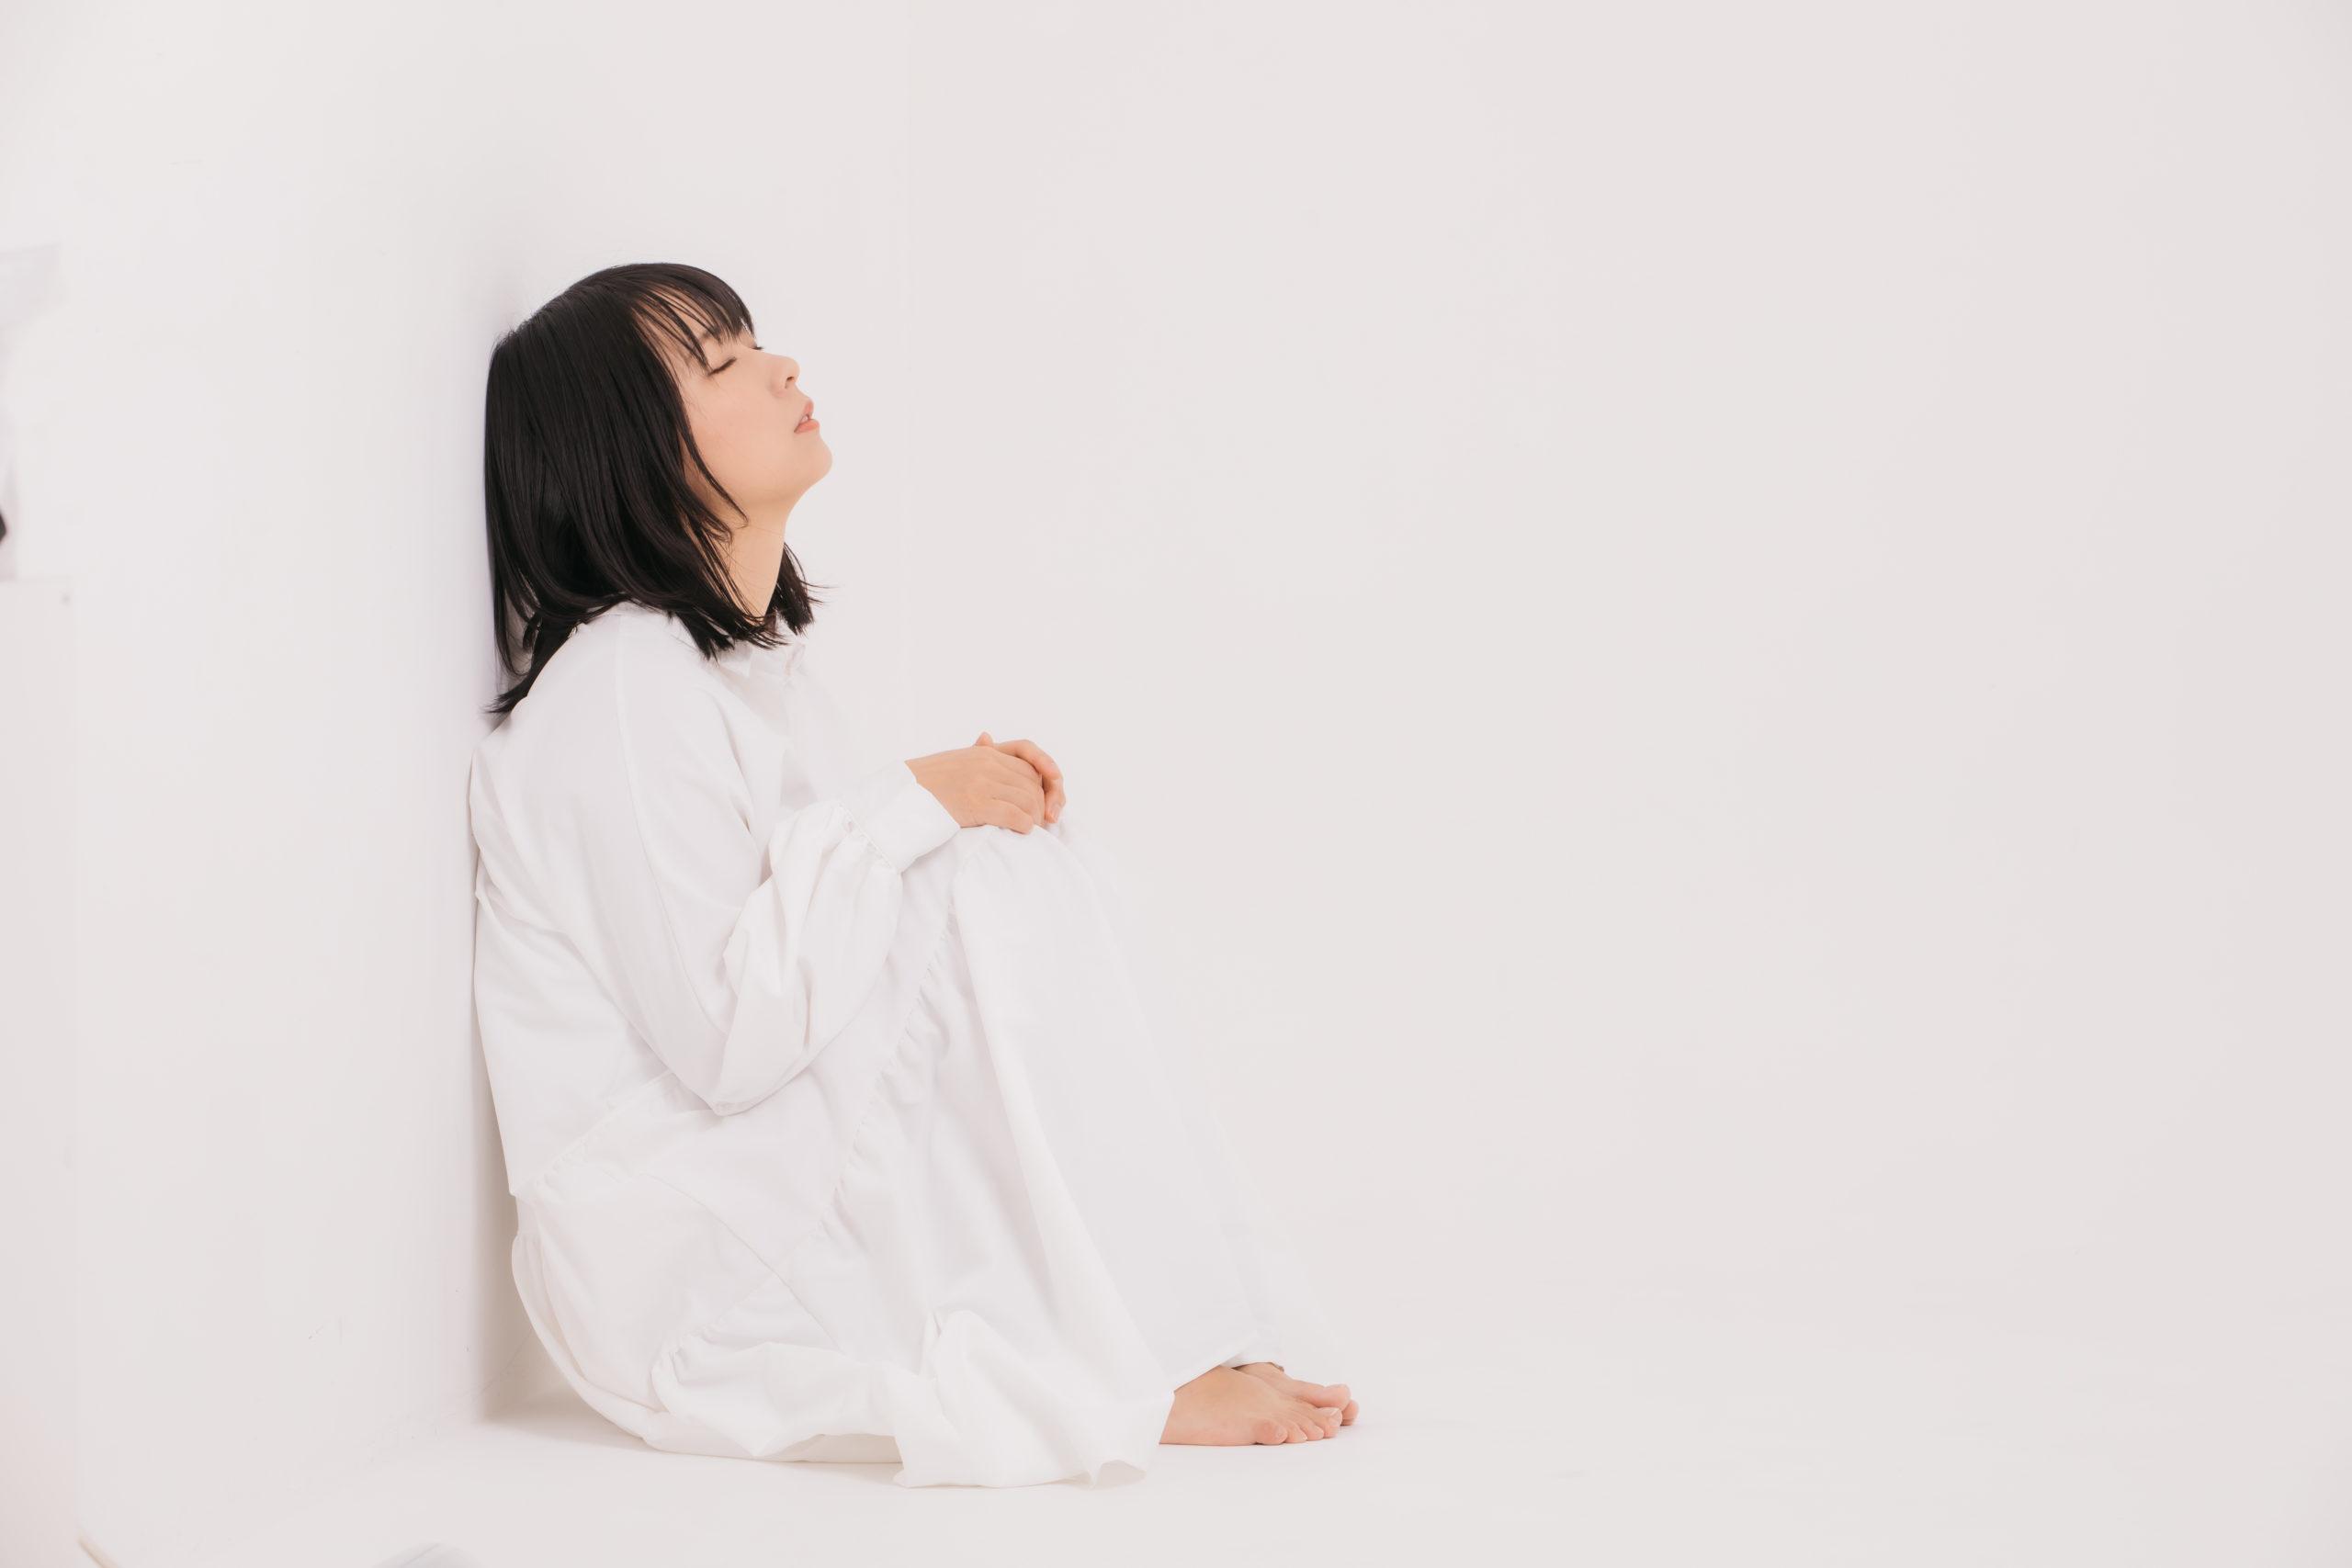 インナーチャイルド  |幸せママセラピスト インナーチャイルドの癒しで子育てがうまくいく